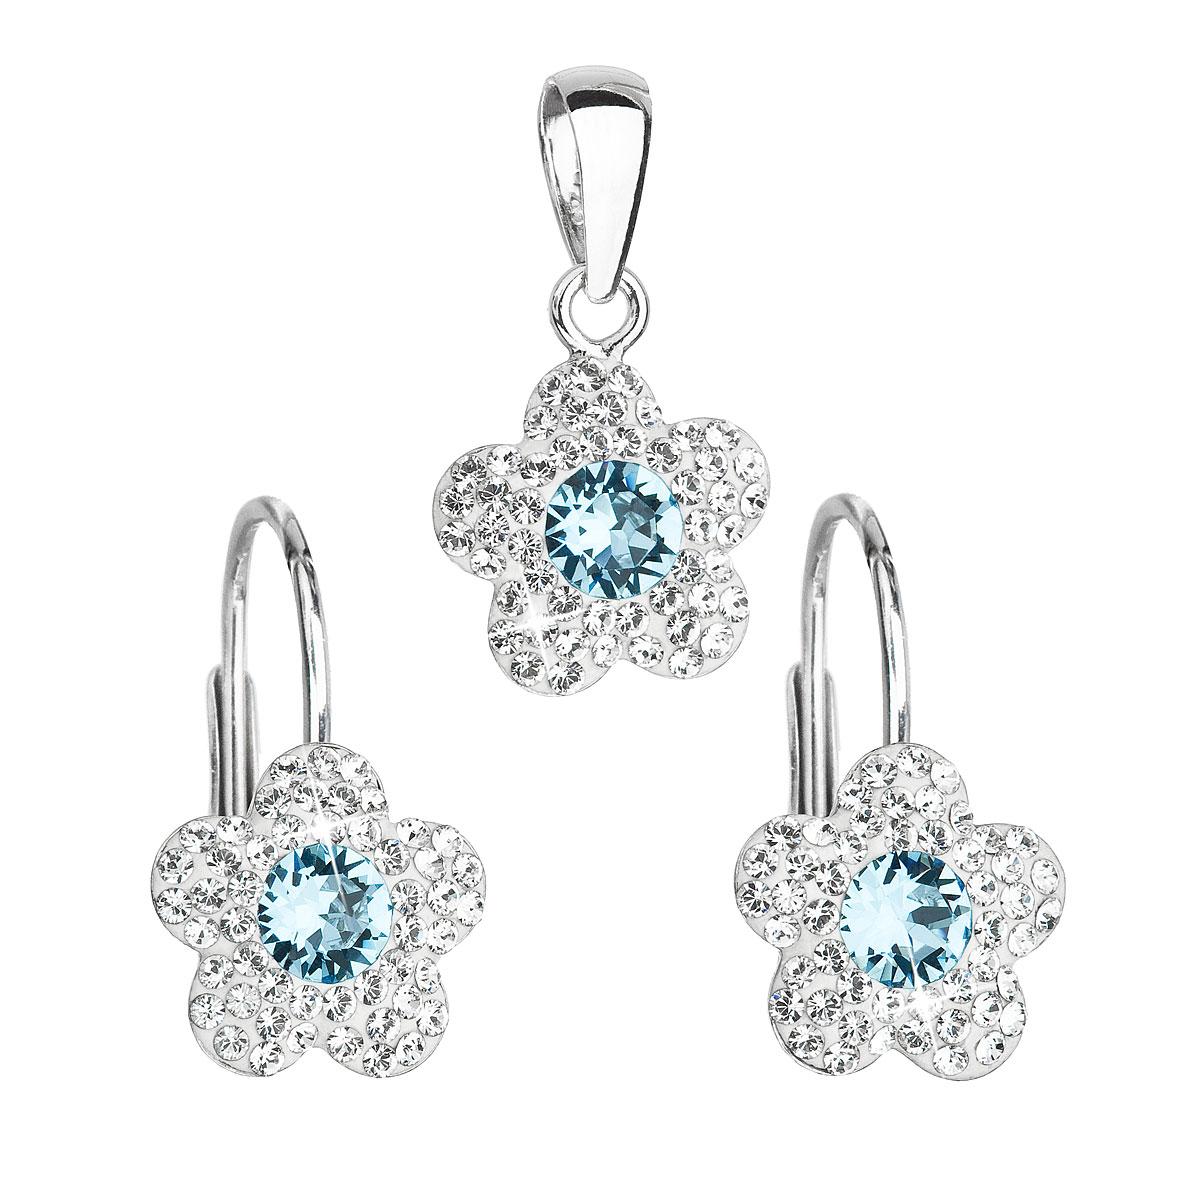 Sada šperkov s krištáľmi Swarovski náušnice a prívesok modrá kytička 39162.3